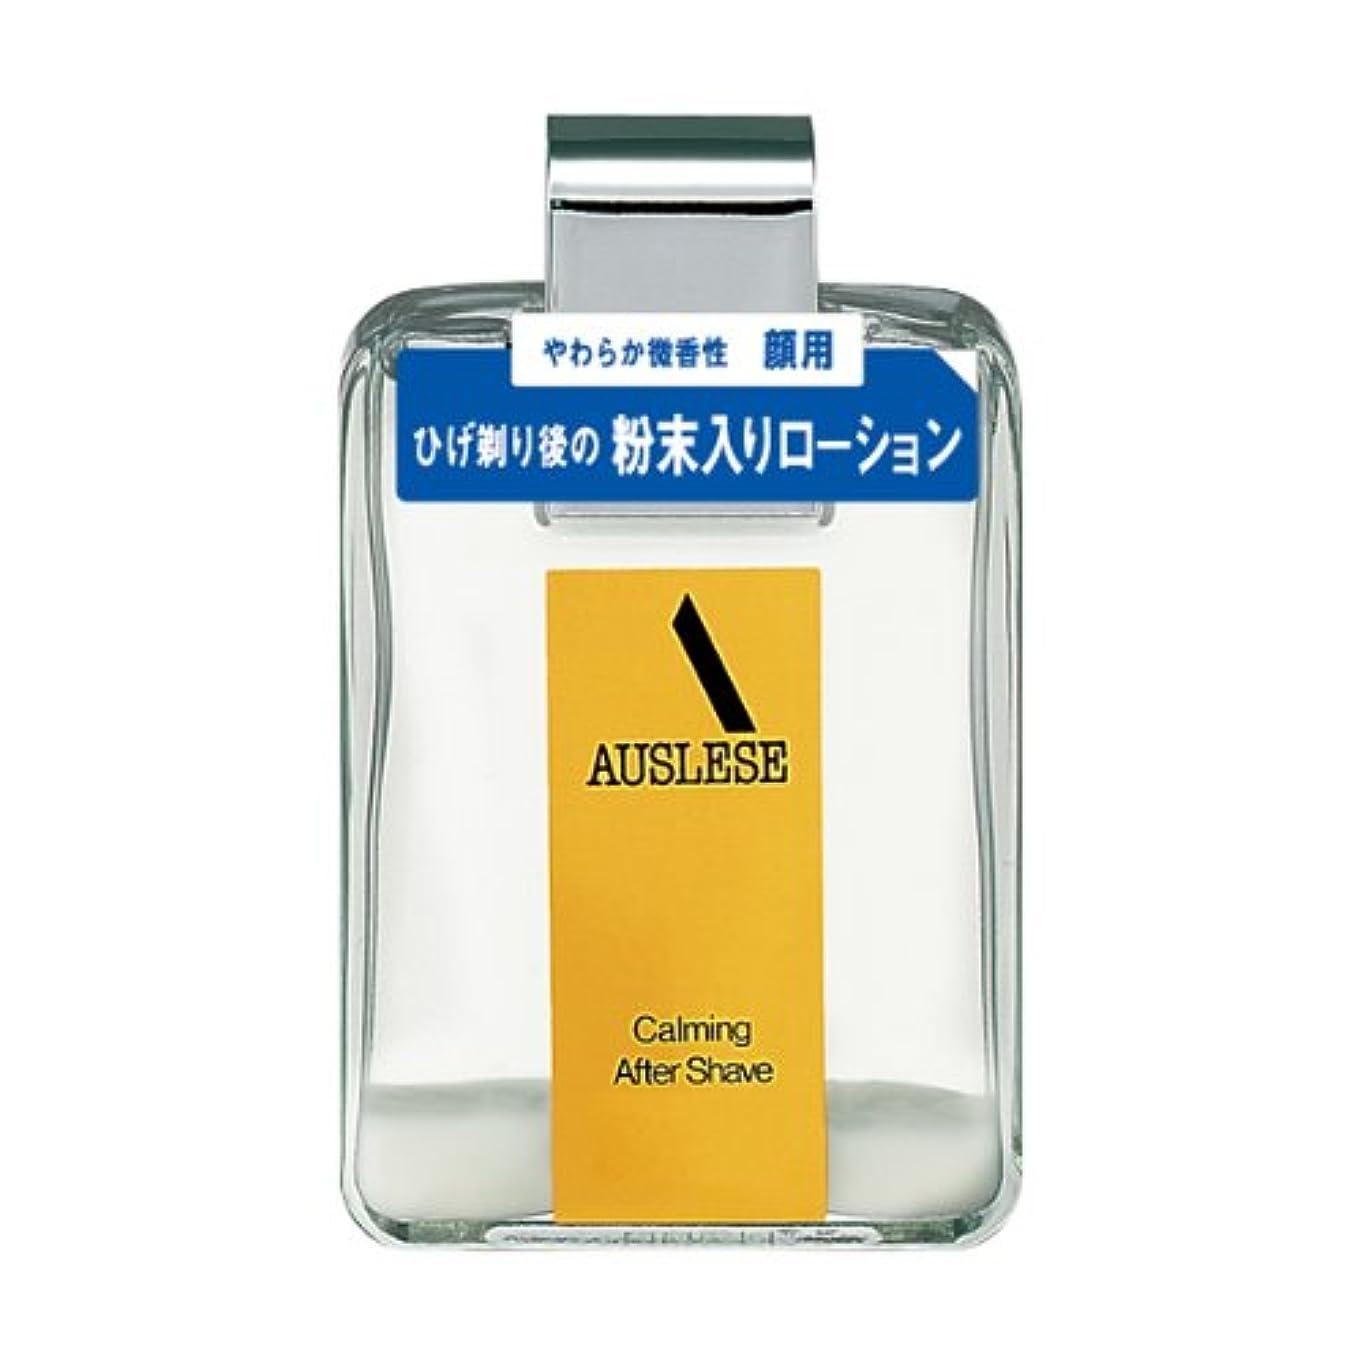 裏切る宇宙船威信アウスレーゼ カーミングアフターシェーブN 100mL 【医薬部外品】